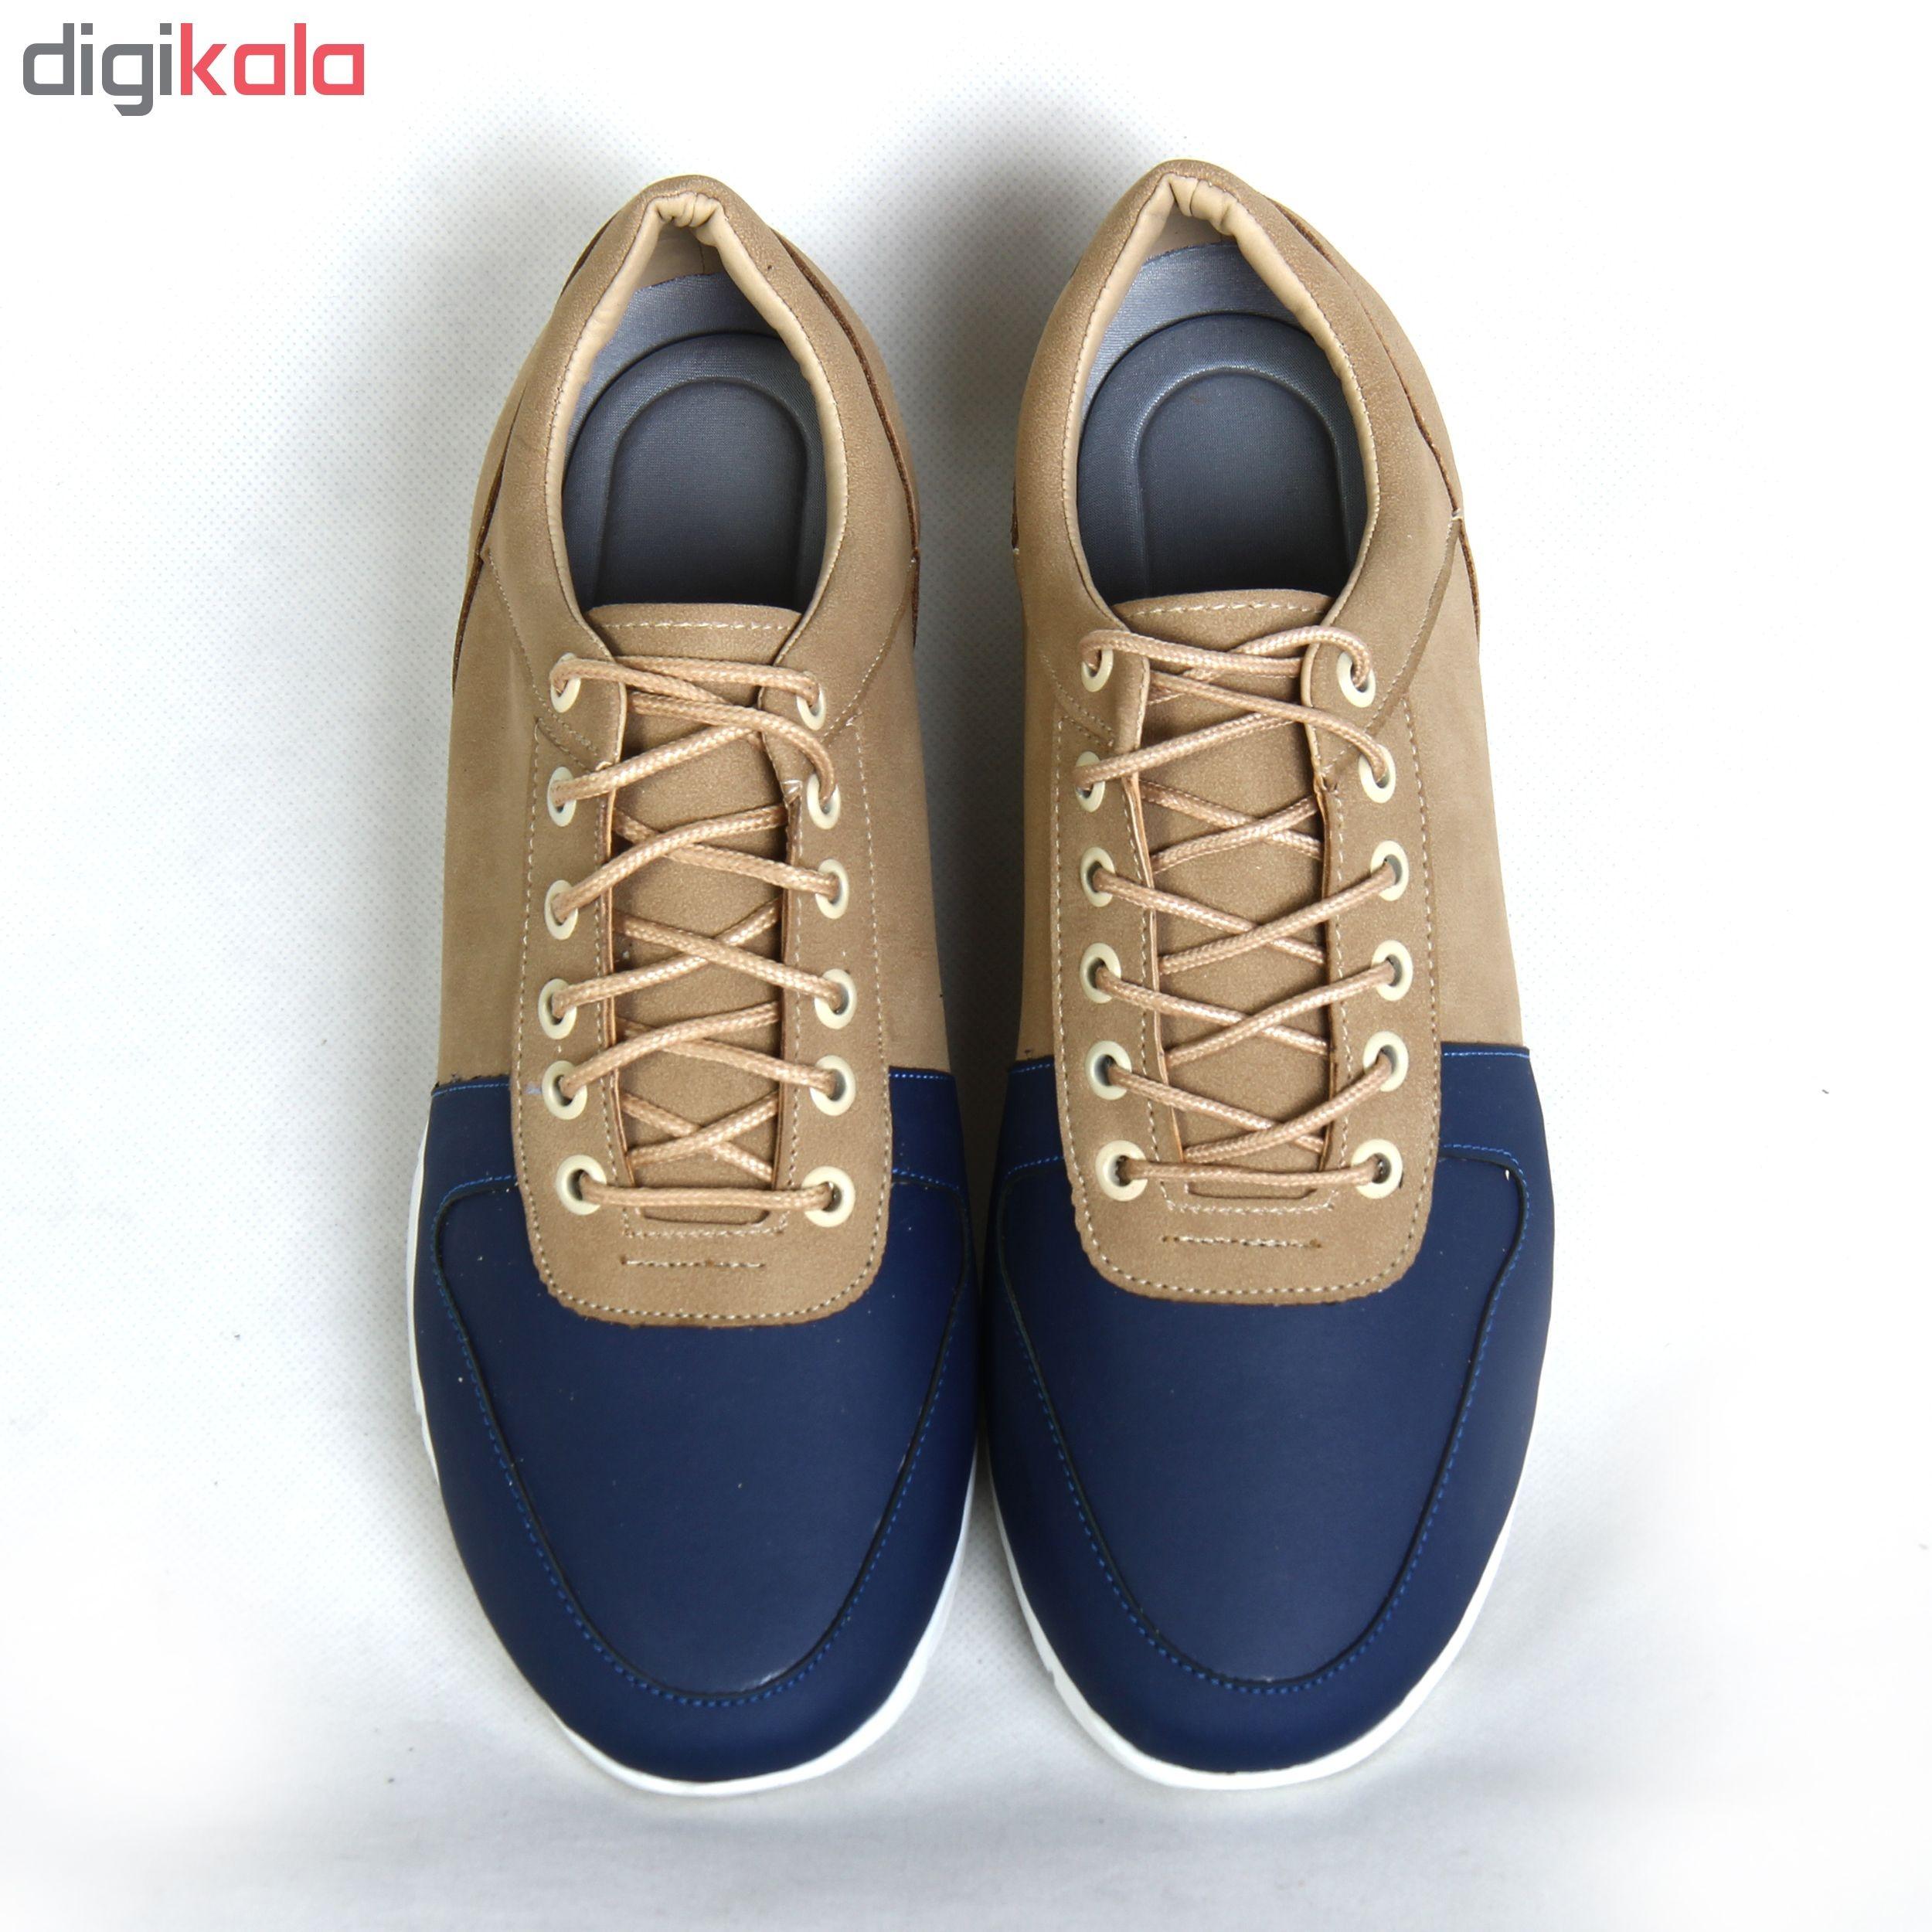 ست کیف و کفش زنانه کد 021 main 1 6